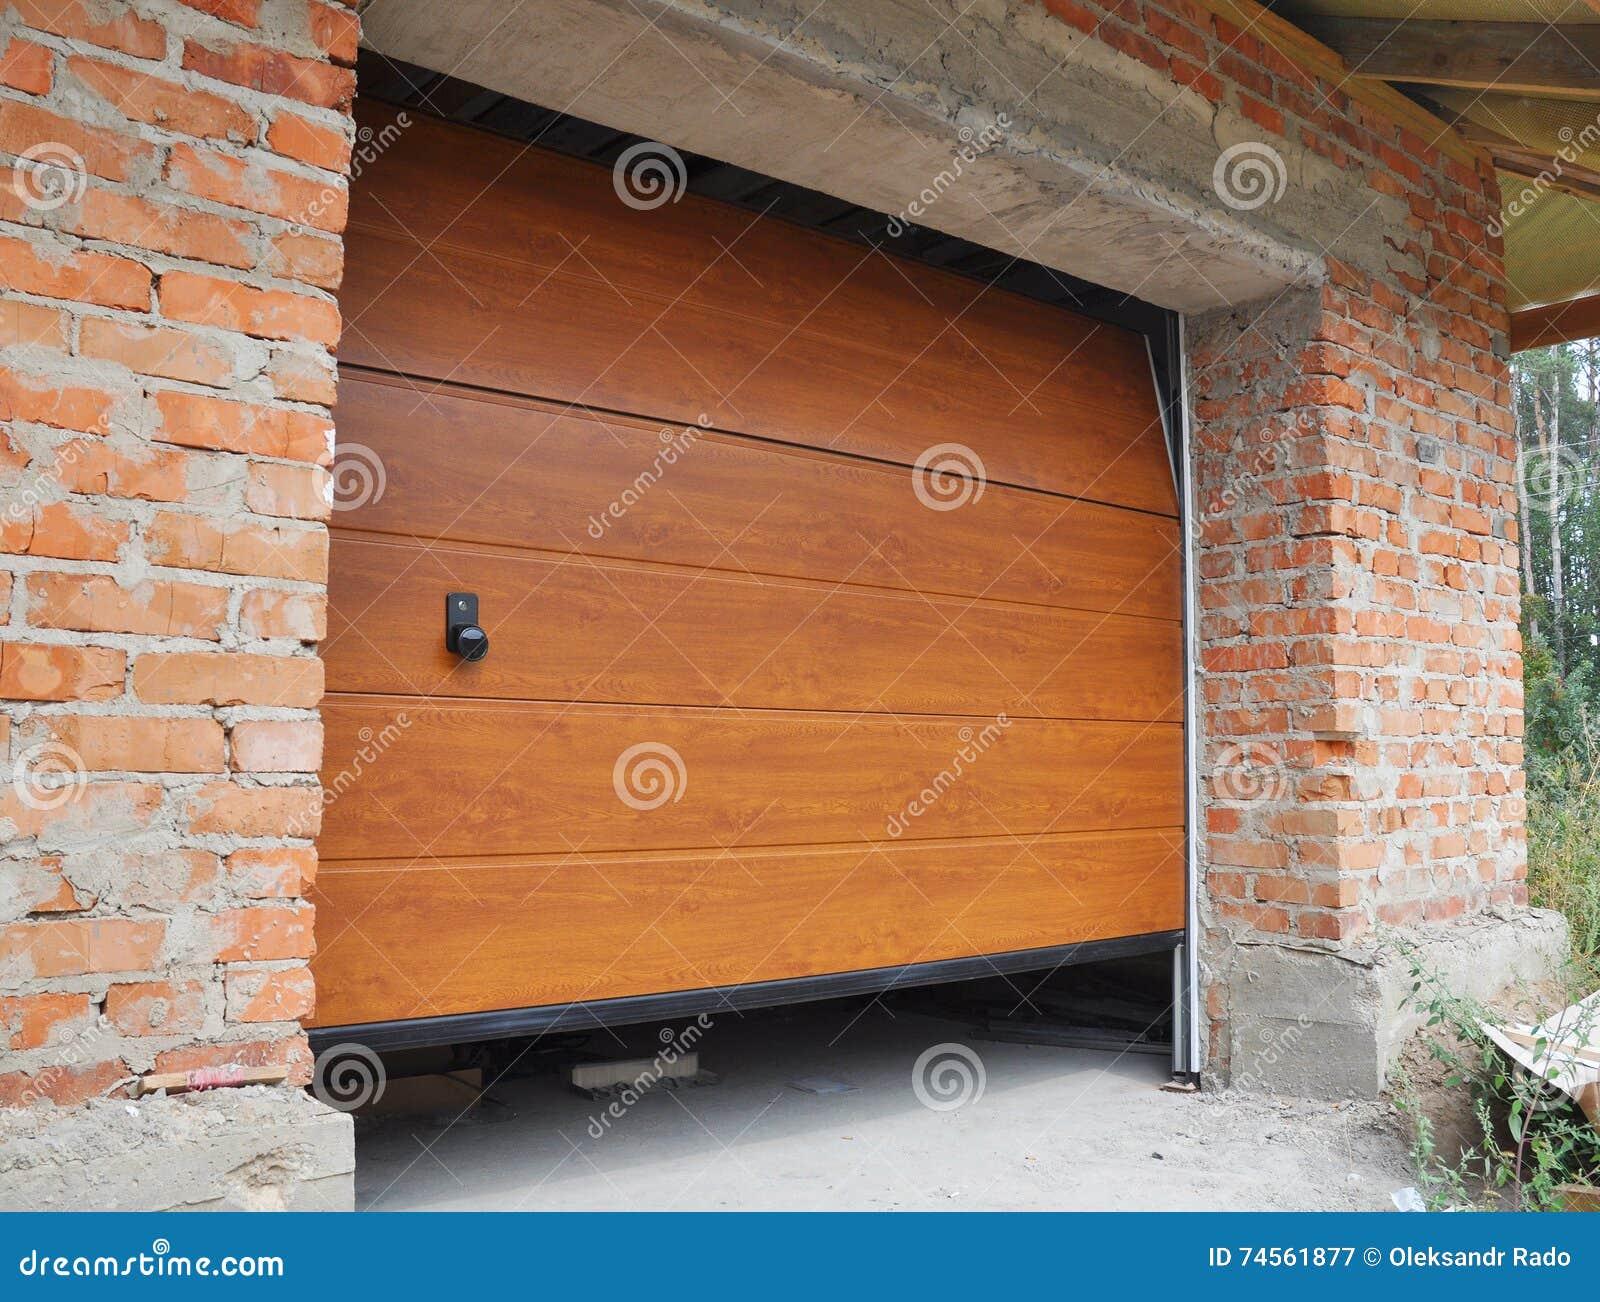 Εγκαταστήστε την πόρτα γκαράζ καινούργιων σπιτιών Εγκατάσταση πορτών γκαράζ